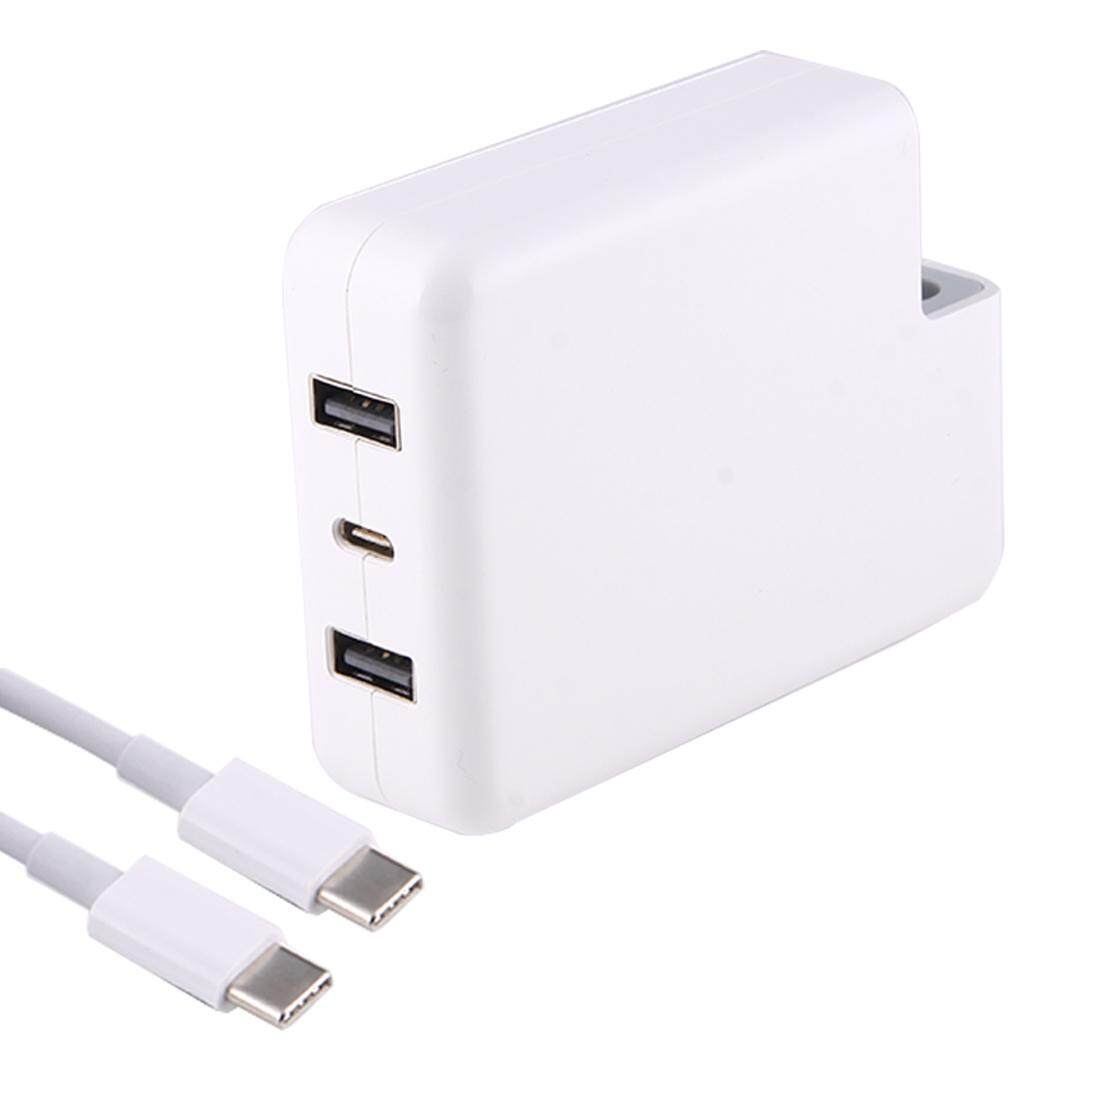 87 W/61 W USB-C/Type-c Adaptor Daya Pengisian Cepat dengan 2 M USB-C/Jenis kabel & Identifikasi Otomatis, tanpa Steker, untuk Macbook, iPhone, Galaksi, Huawei, Xiaomi, LG, HTC dan Ponsel Pintar Lainnya, Perangkat Isi Ulang (Putih)-Internasional